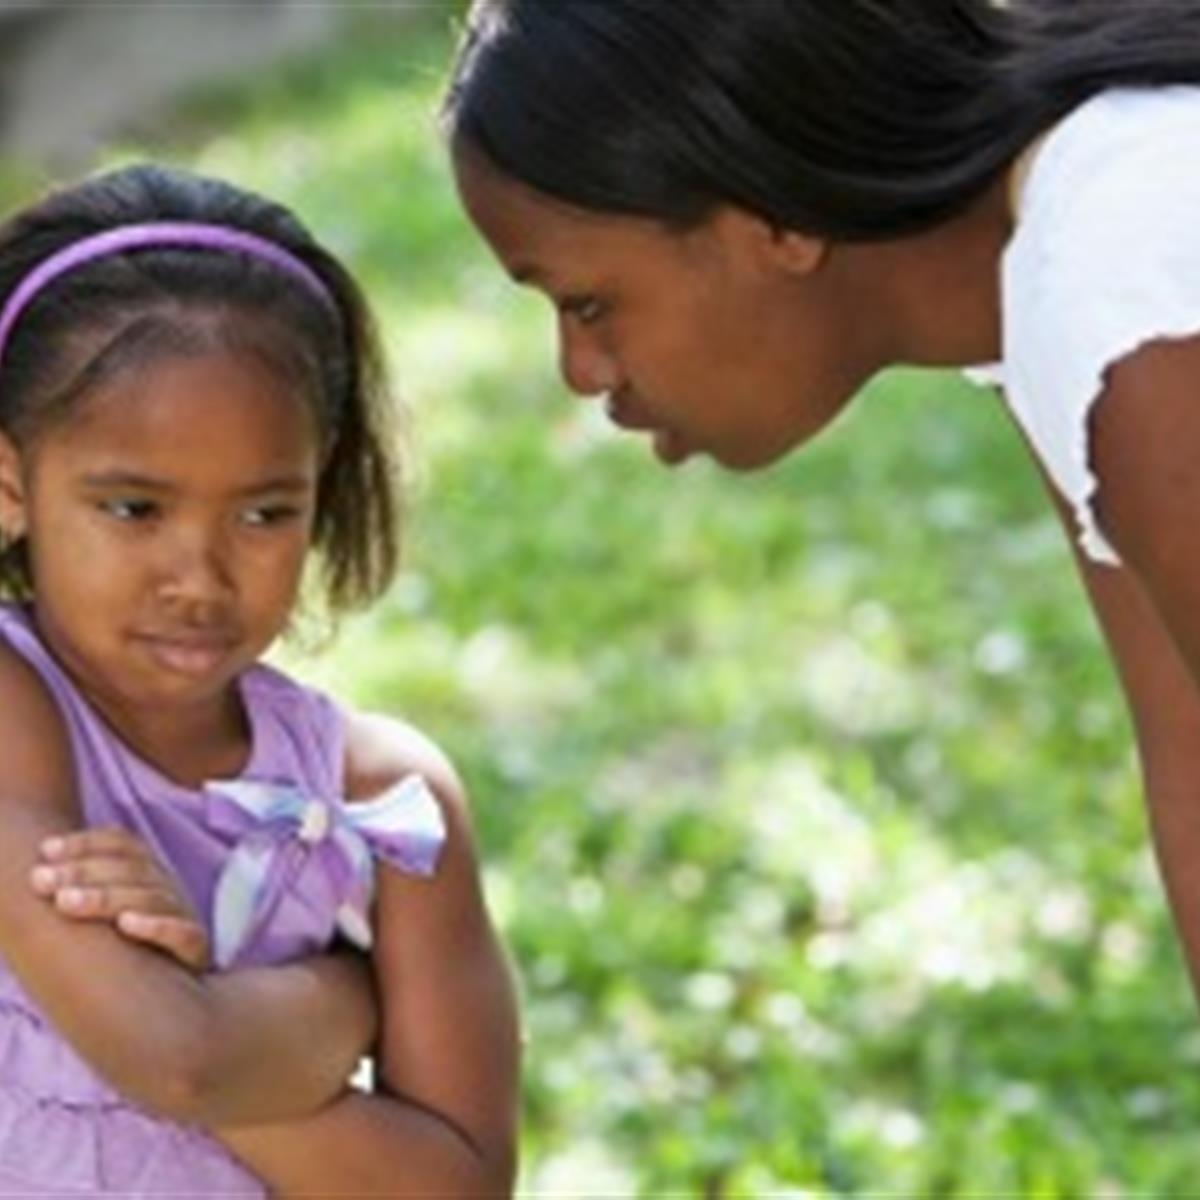 Cuál Es La Mejor Forma De Disciplinar A Mi Hijo Healthychildren Org